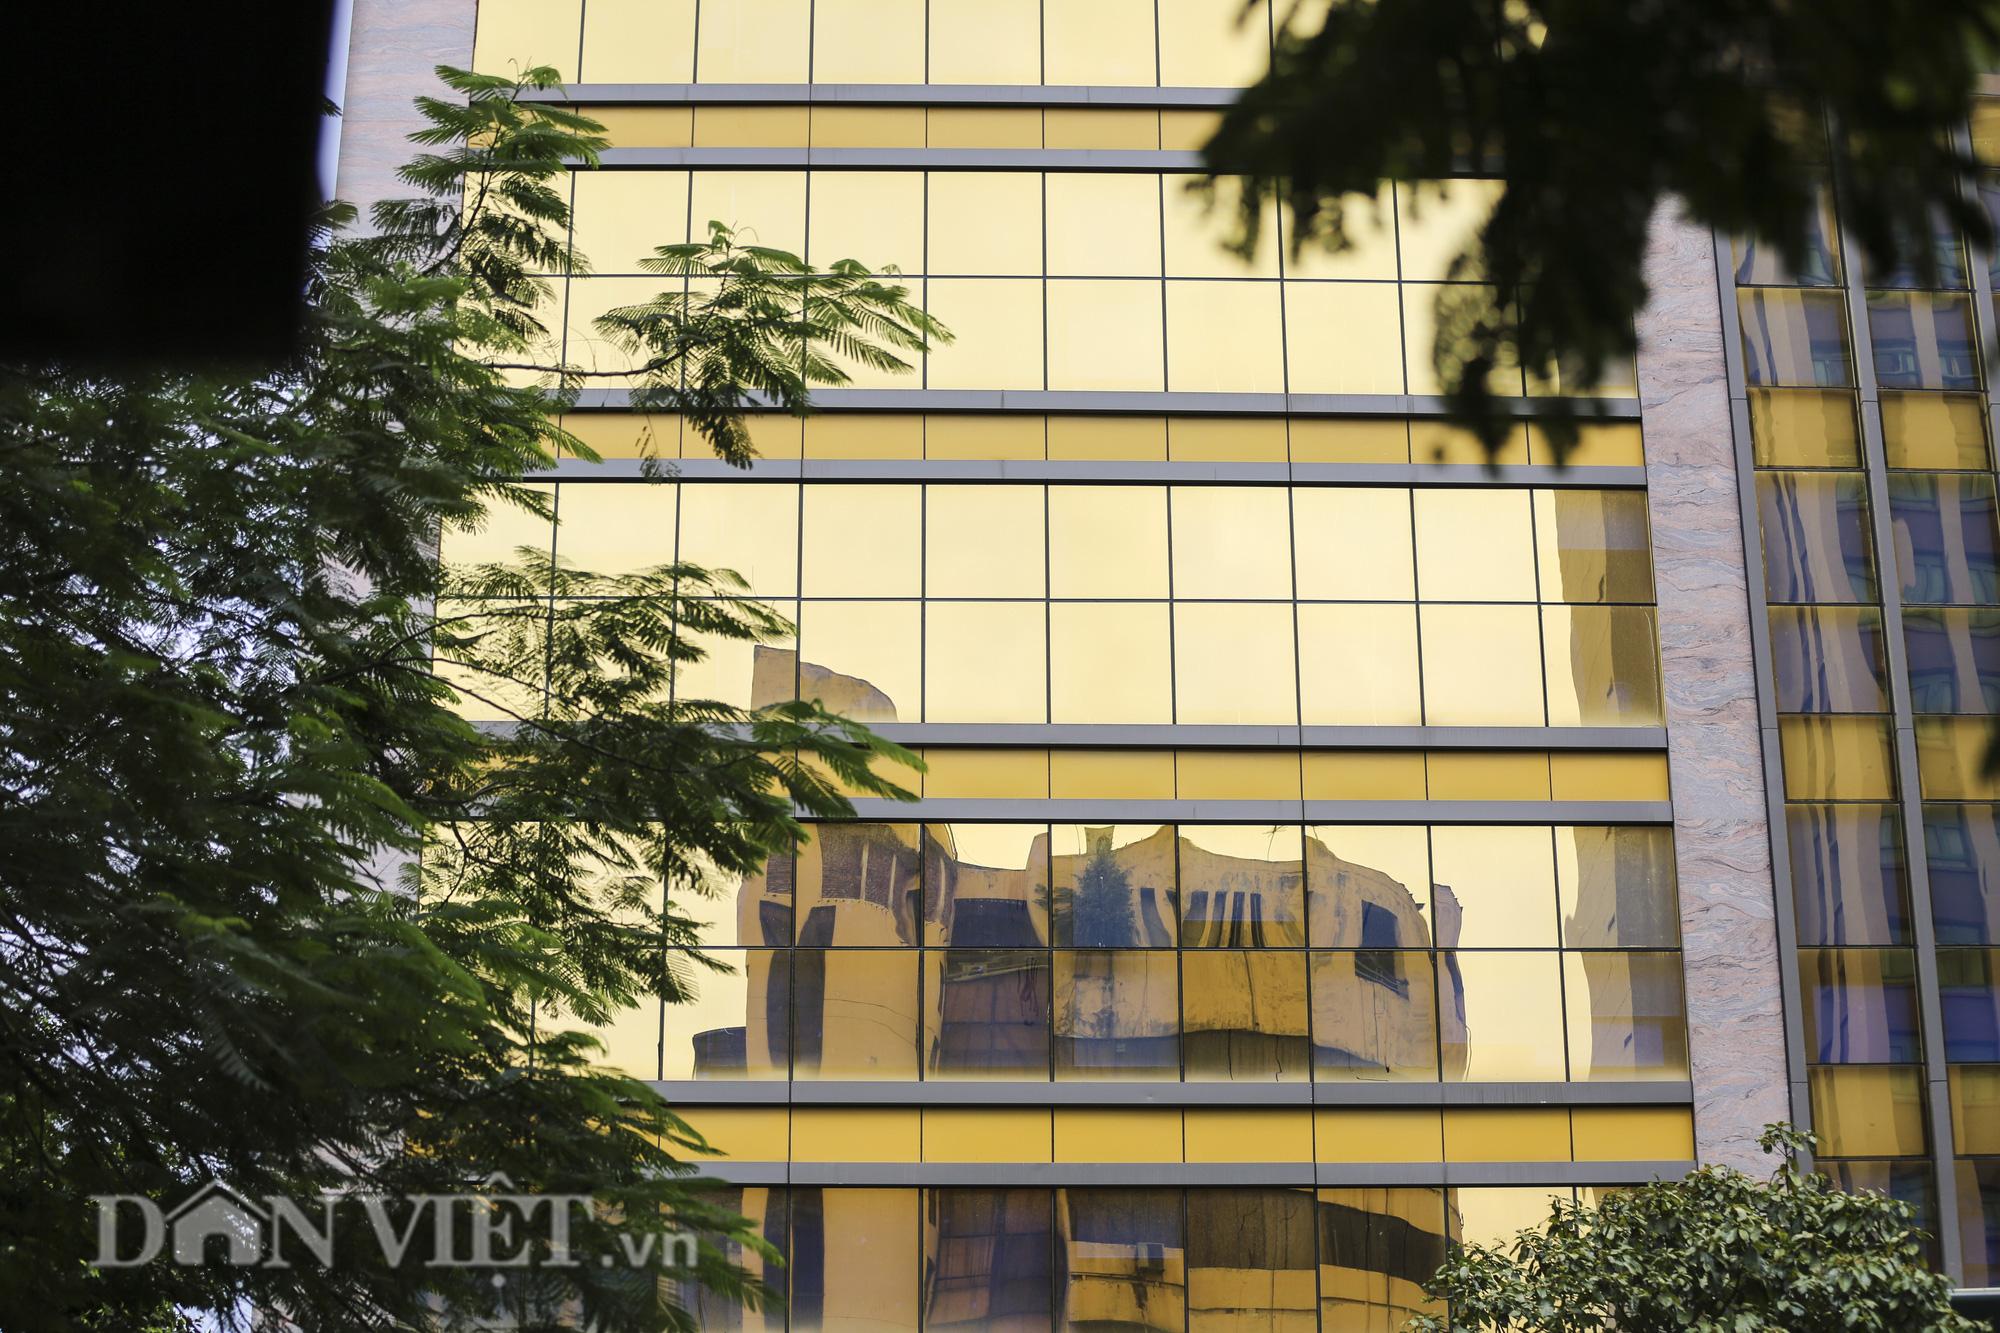 """Hà Nội: Tòa nhà """"dát vàng"""" phản quang gây chói mắt người đi đường - Ảnh 6."""